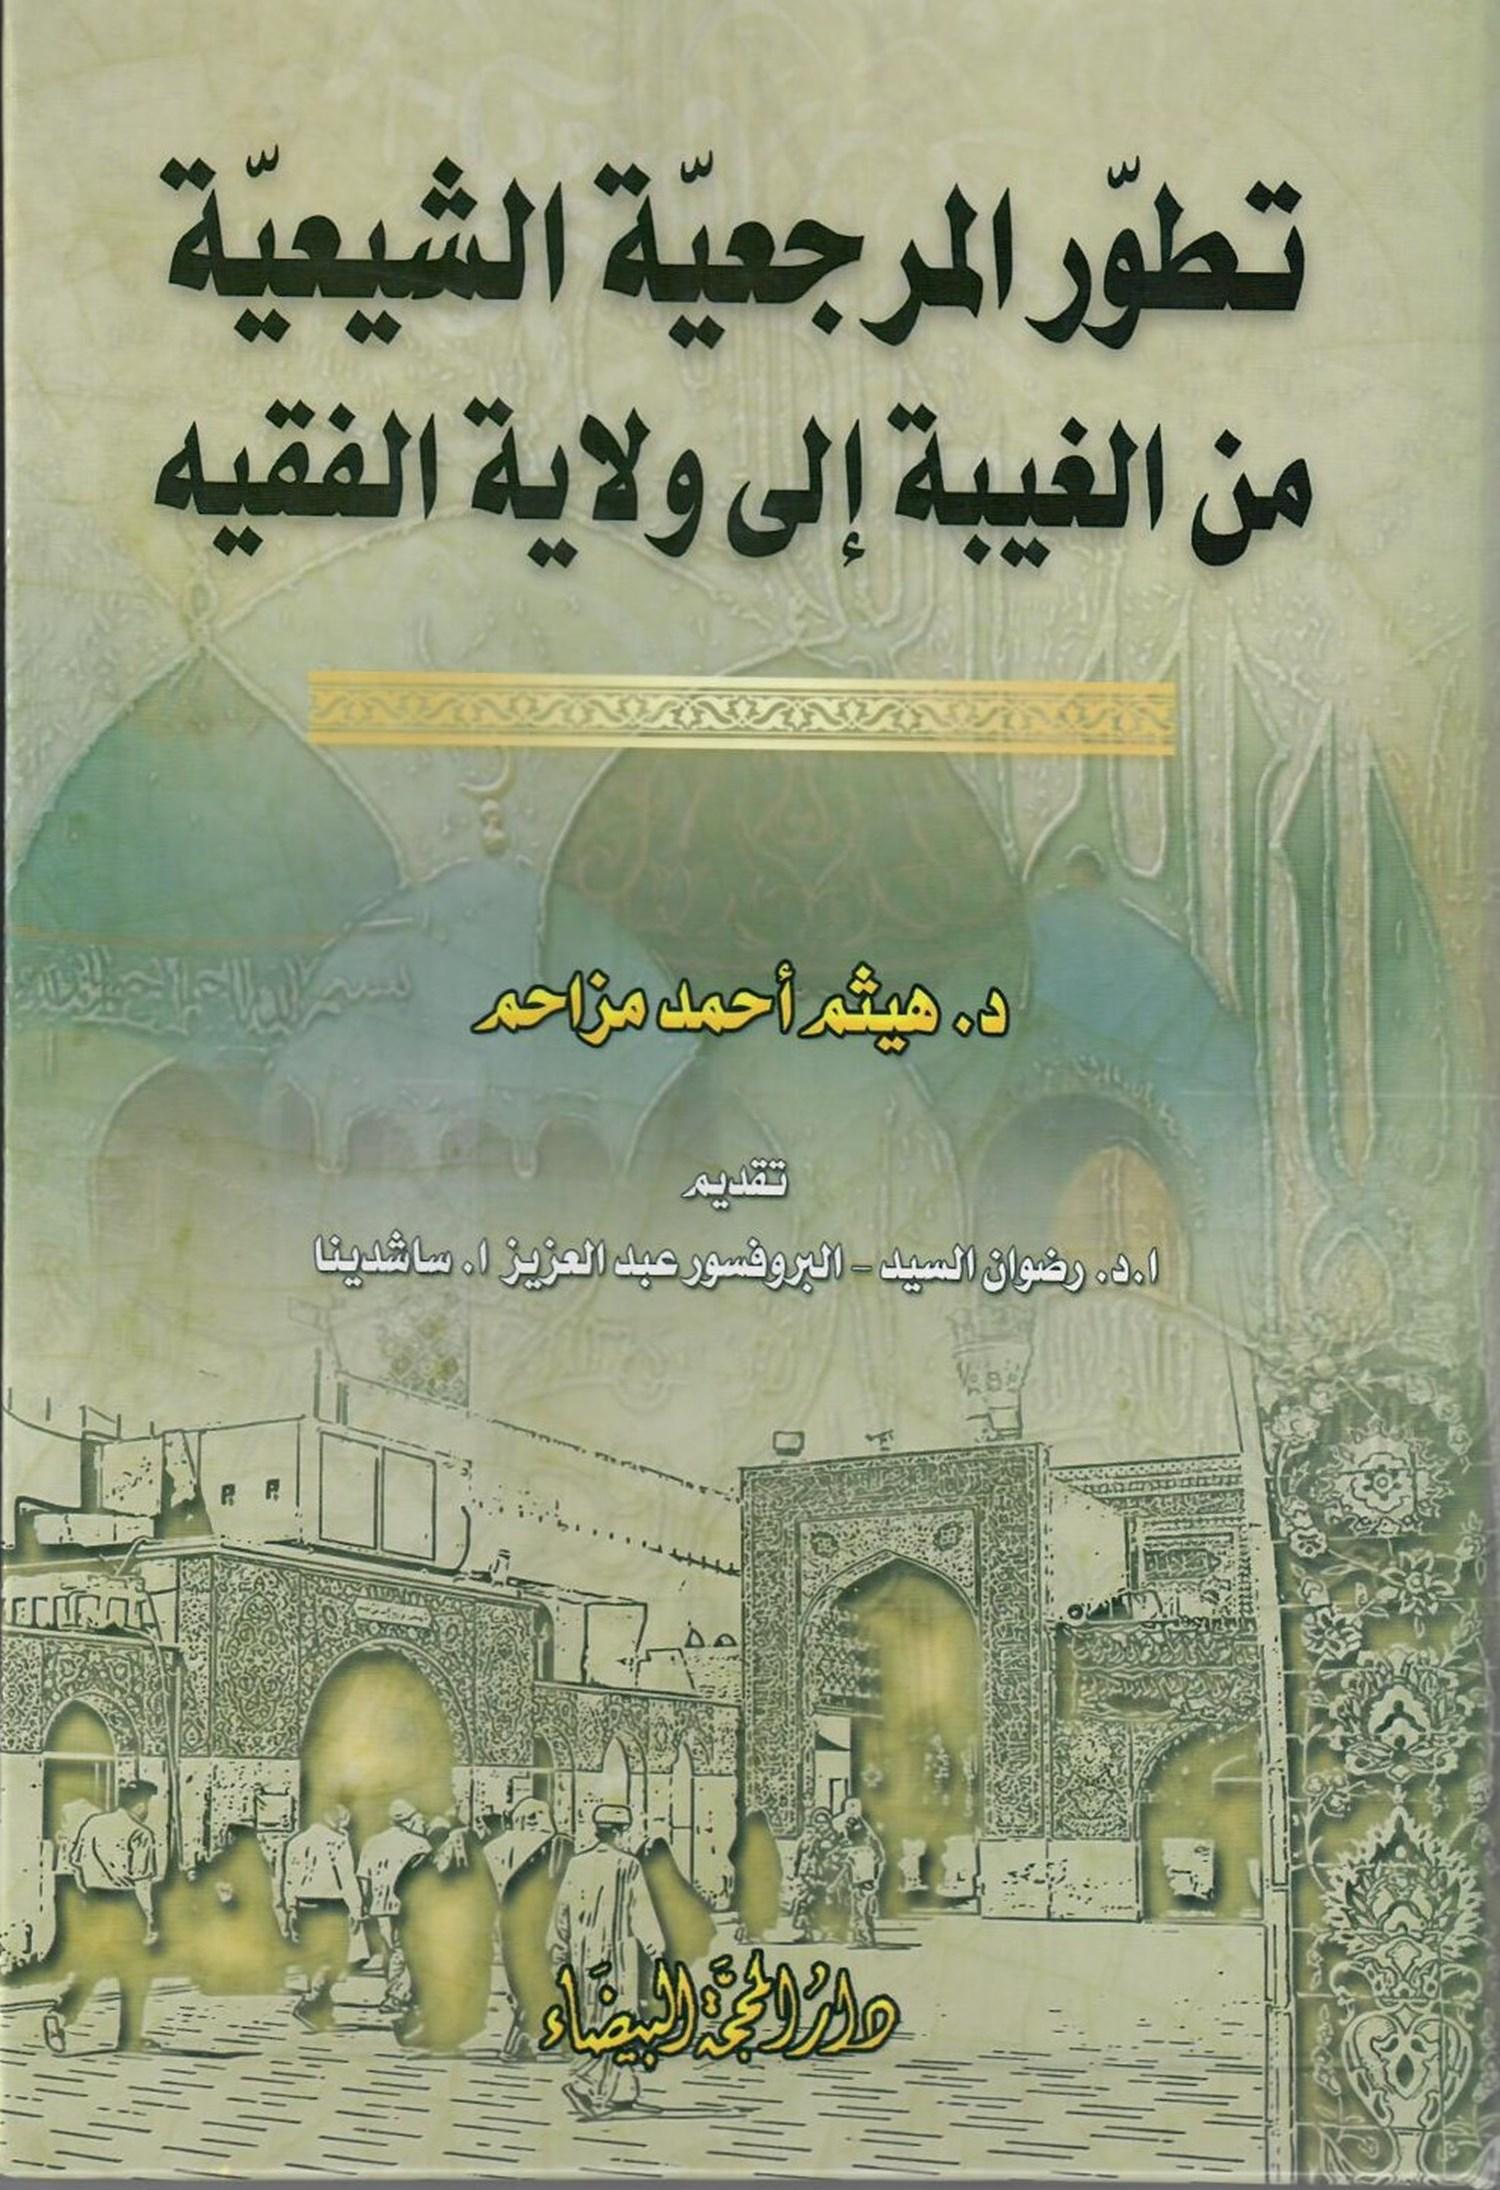 أستاذ مصري يسرق بحثي وينشره في كتابه